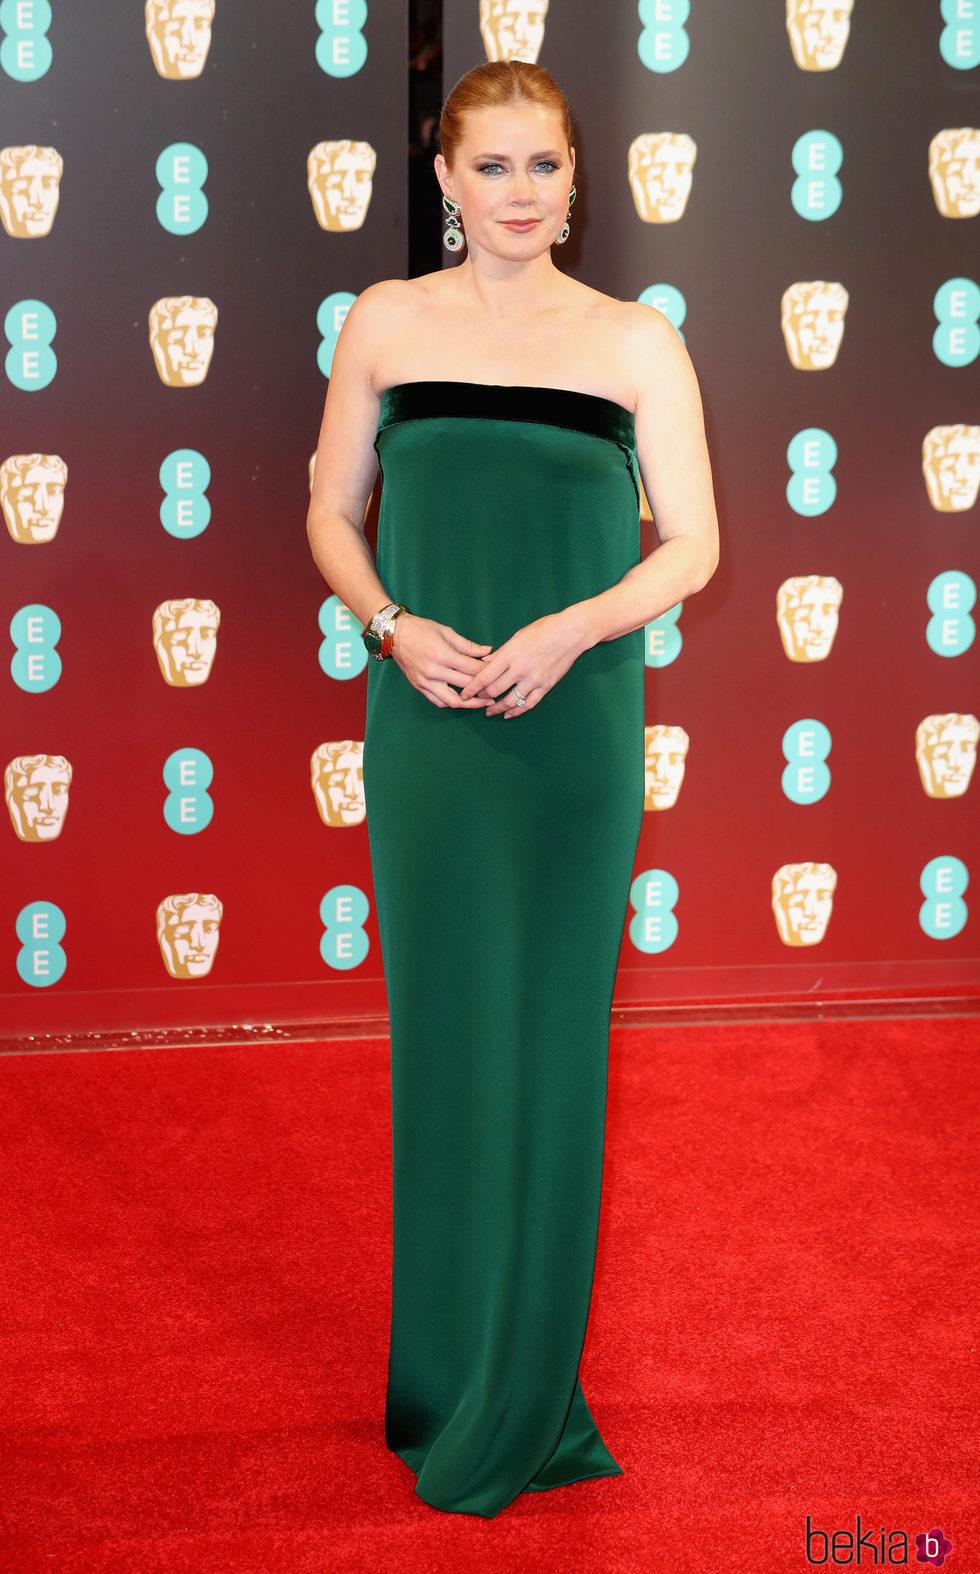 Amy Adams en la alfombra roja de los Premios Bafta 2017